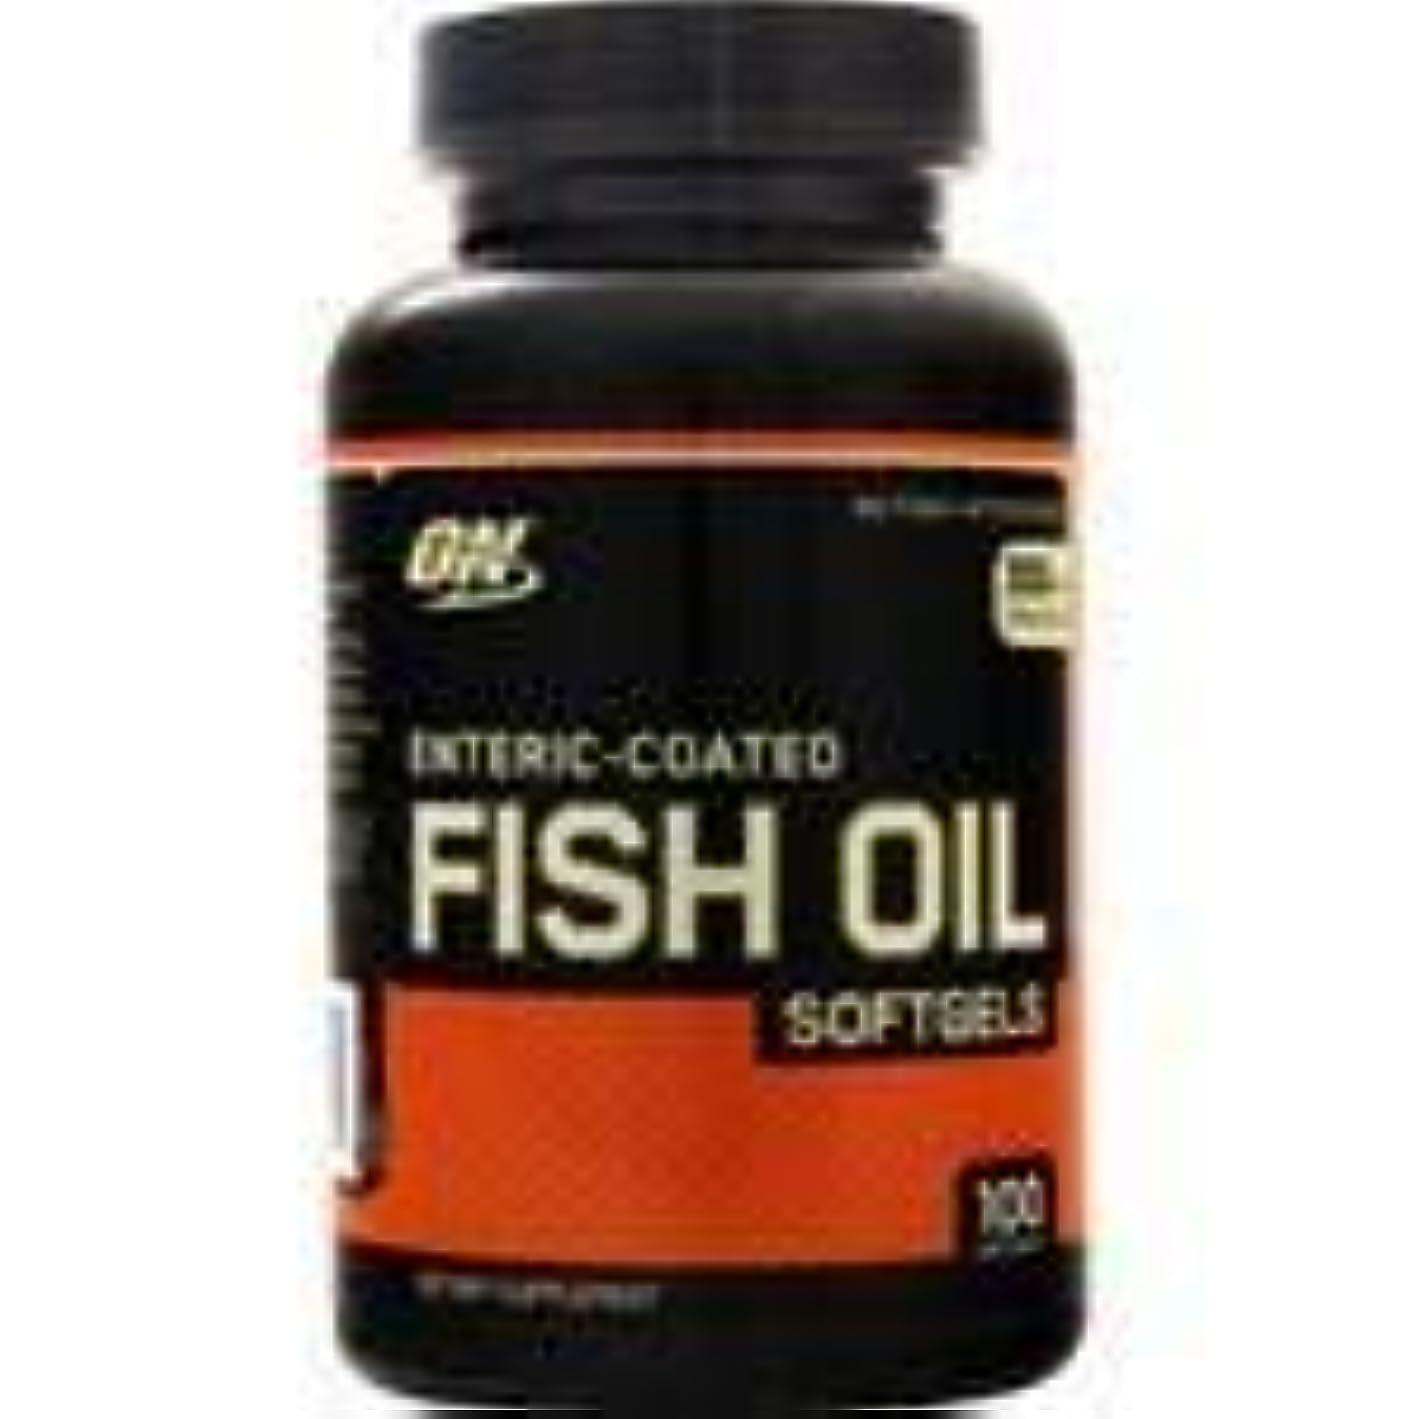 履歴書後者マナー腸溶性コーティング 魚油 100 sgels   3個パック